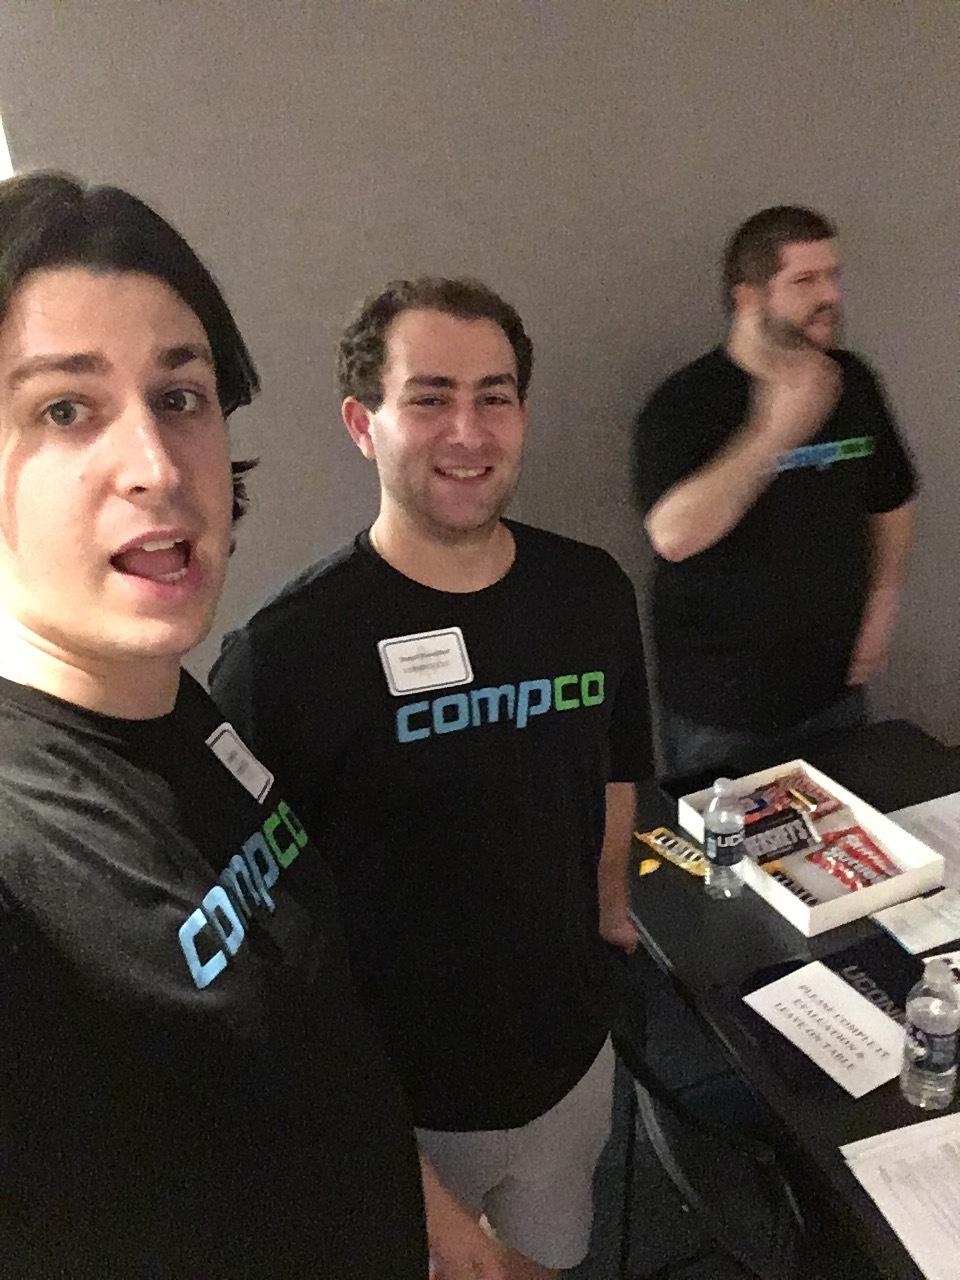 Patrick, Dan, and Nate at Compco's 2nd career fair